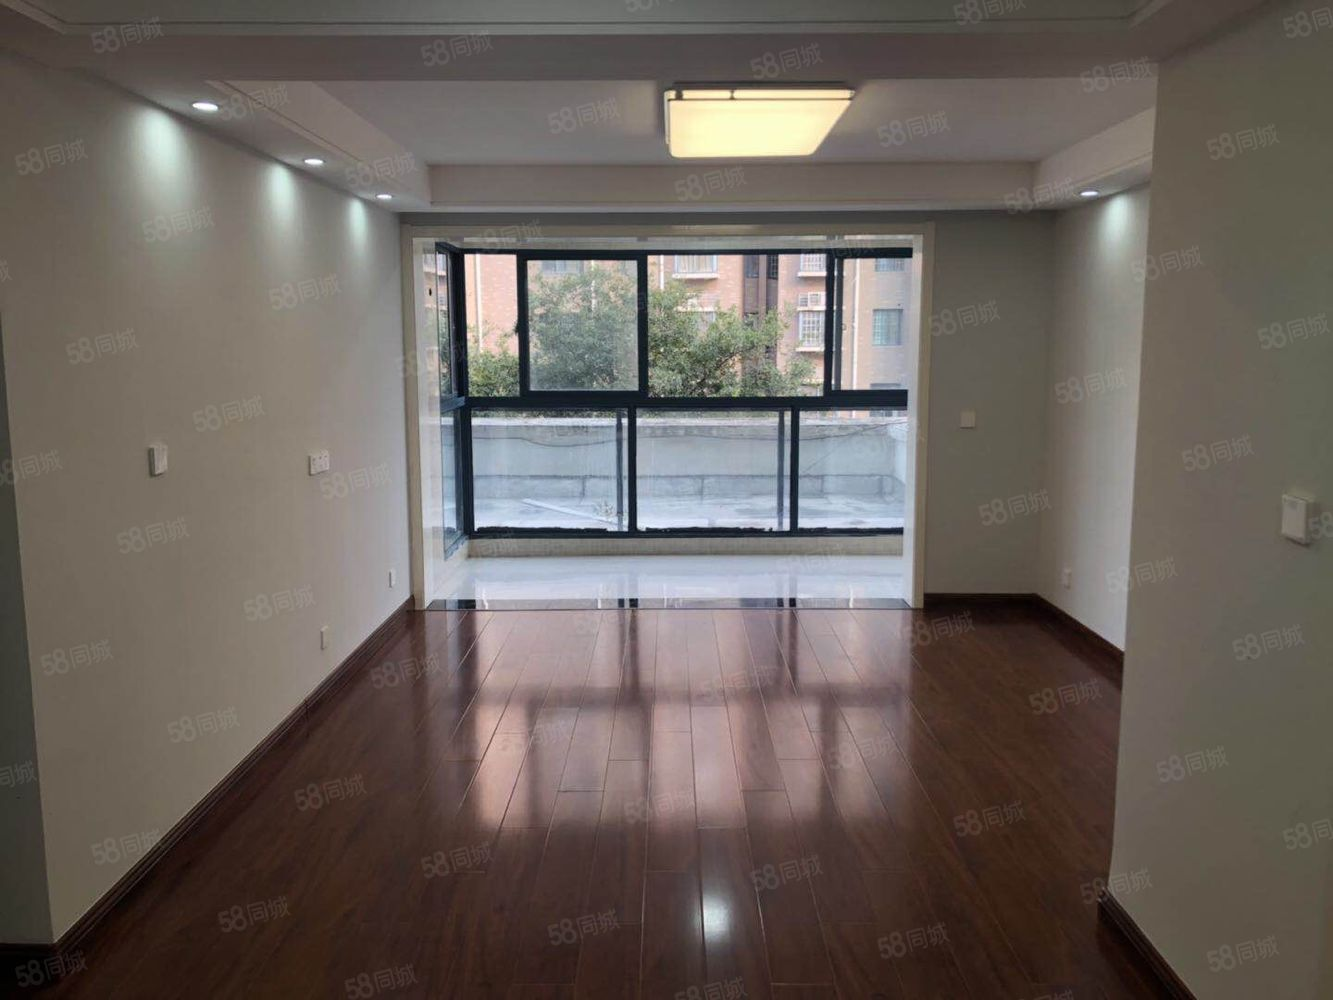 水岸城邦124平方精装修一次没住过新房90万吉售!